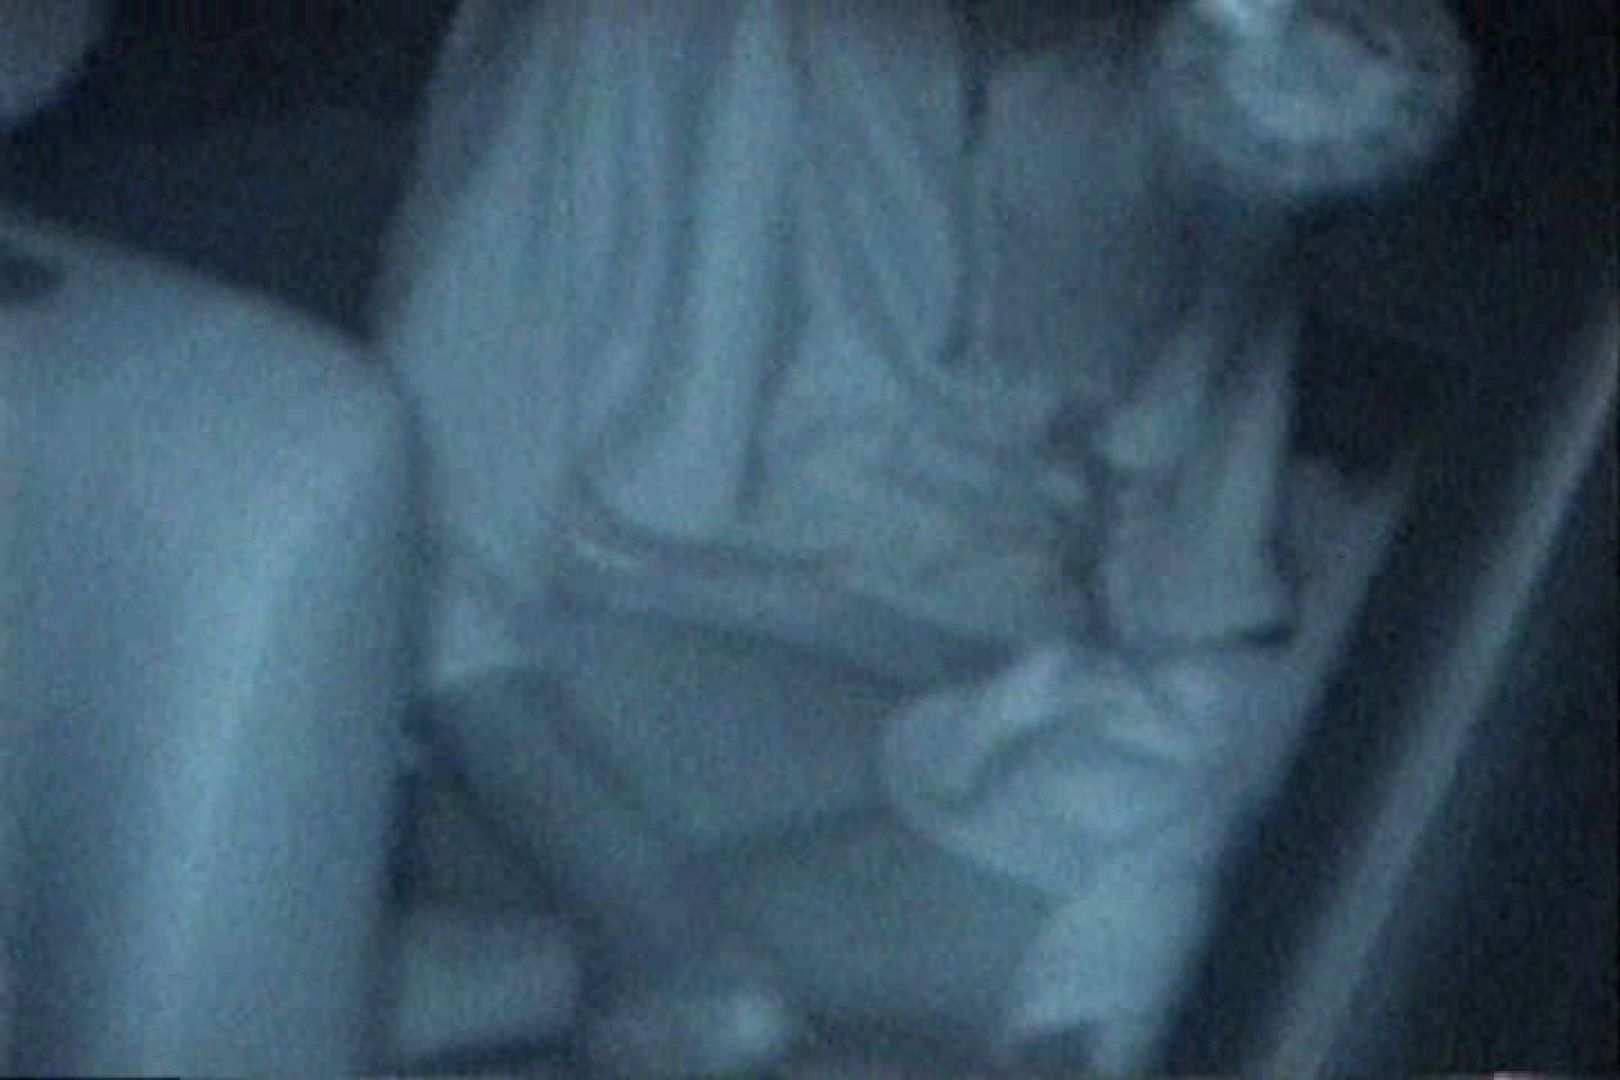 充血監督の深夜の運動会Vol.150 車でエッチ 隠し撮りオマンコ動画紹介 95PIX 8